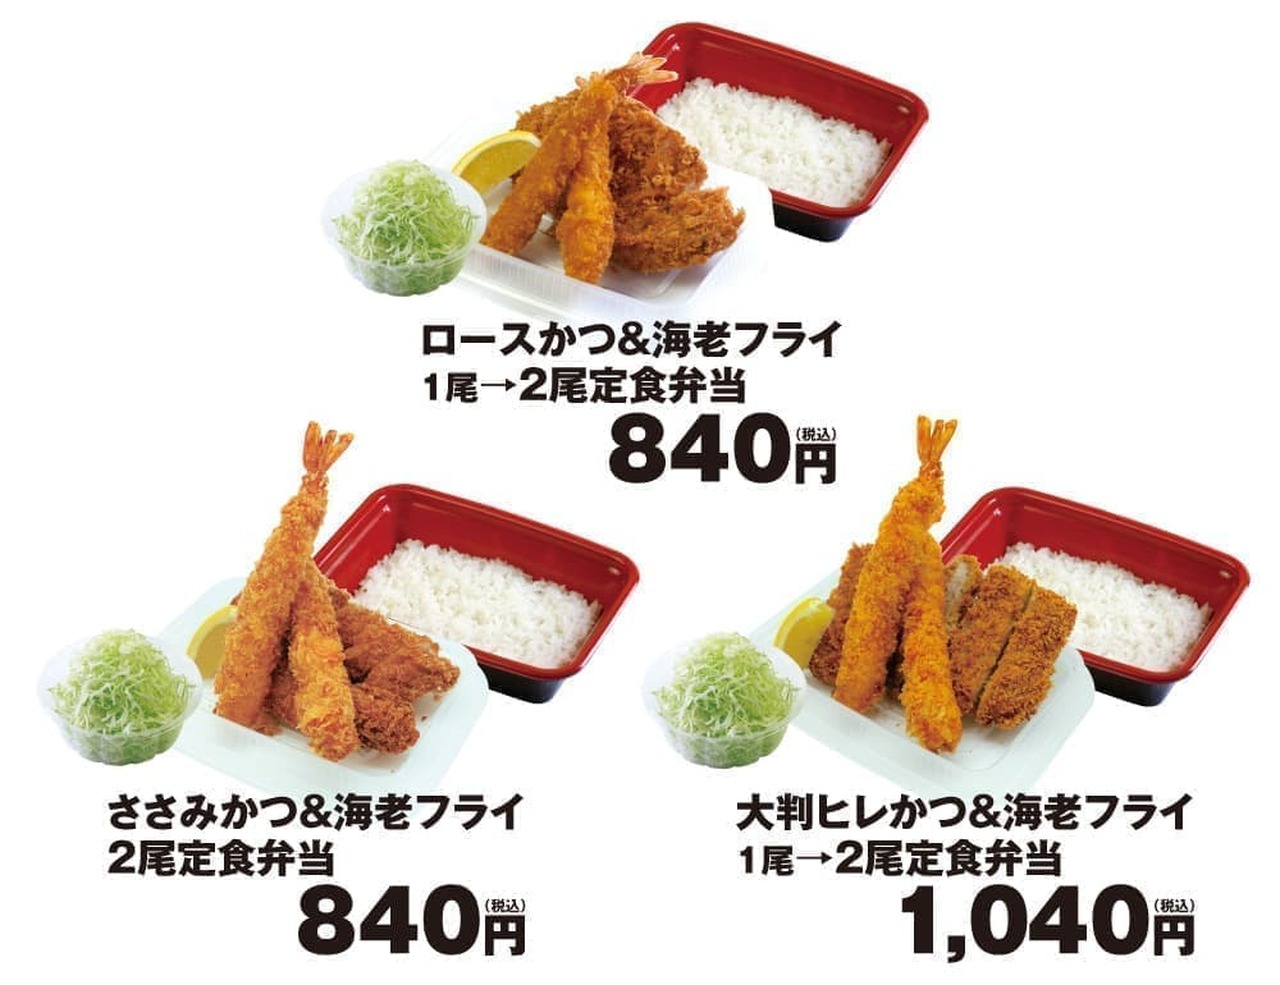 松のや・松乃家「お弁当限定えびえびフェア」